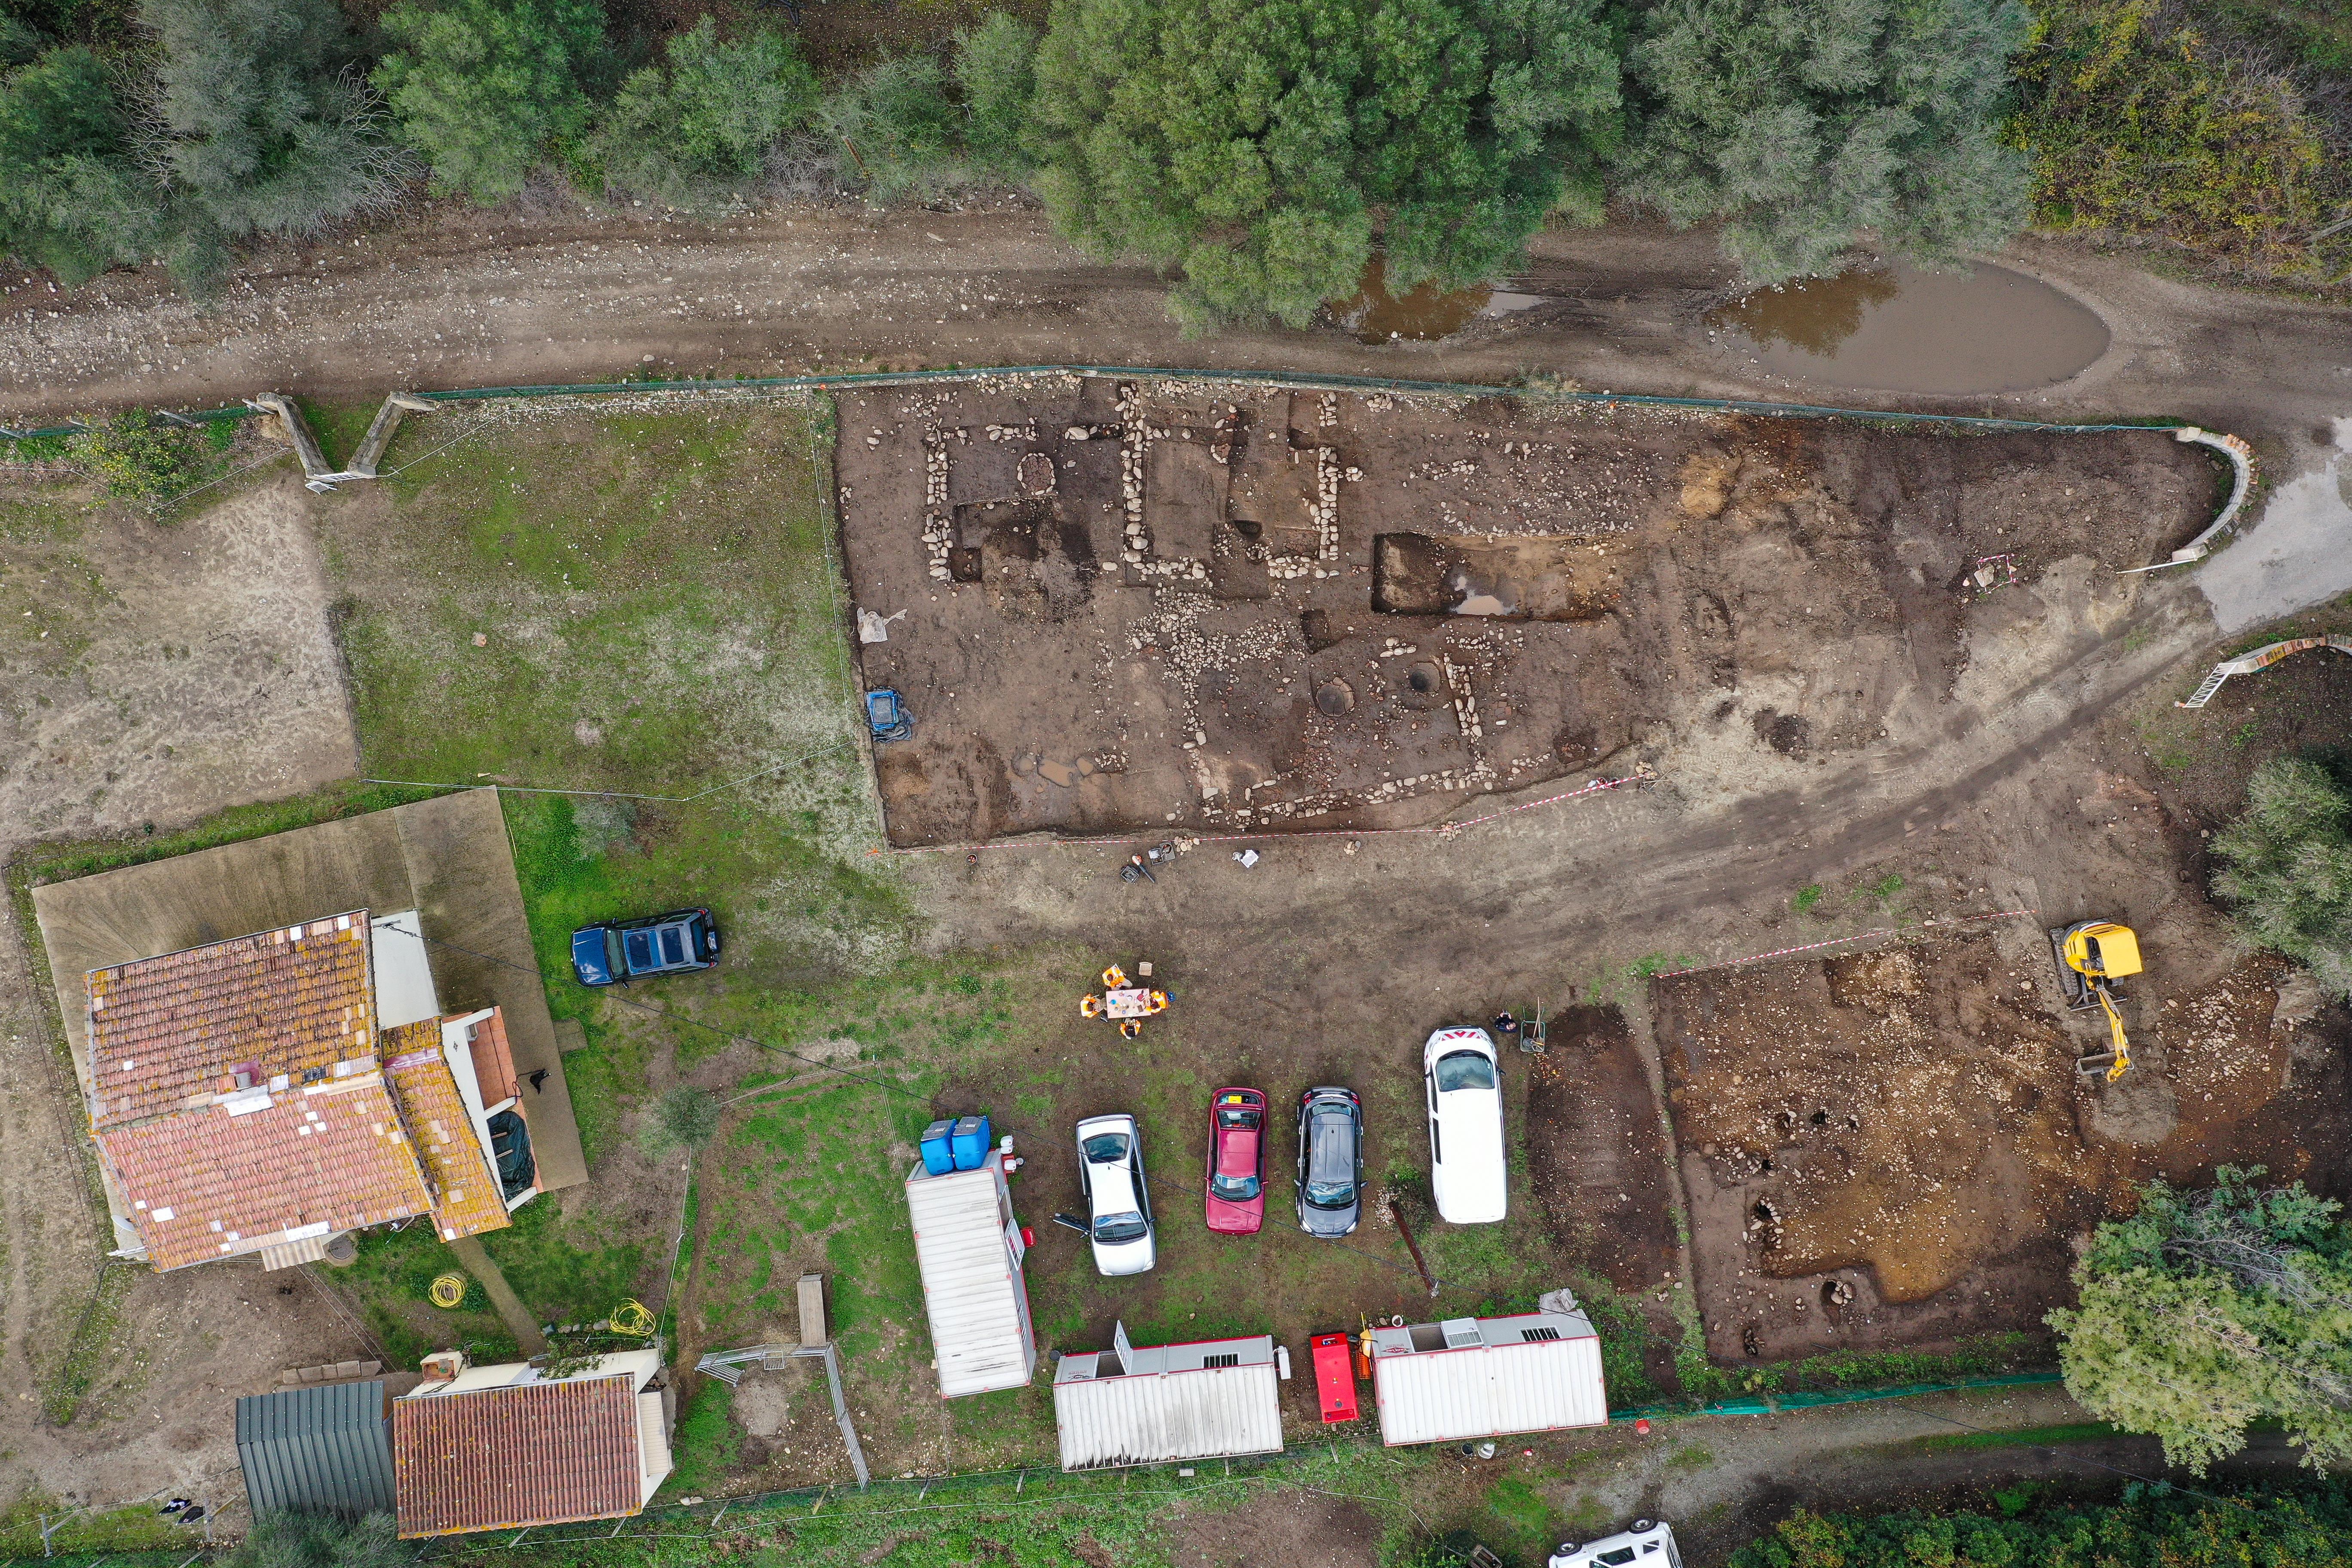 Orthophotographie de l'ensemble des emprises de fouilles et des recherches archéologiques menées par l'Inrap sur le site de Prunelli-Chiarata.